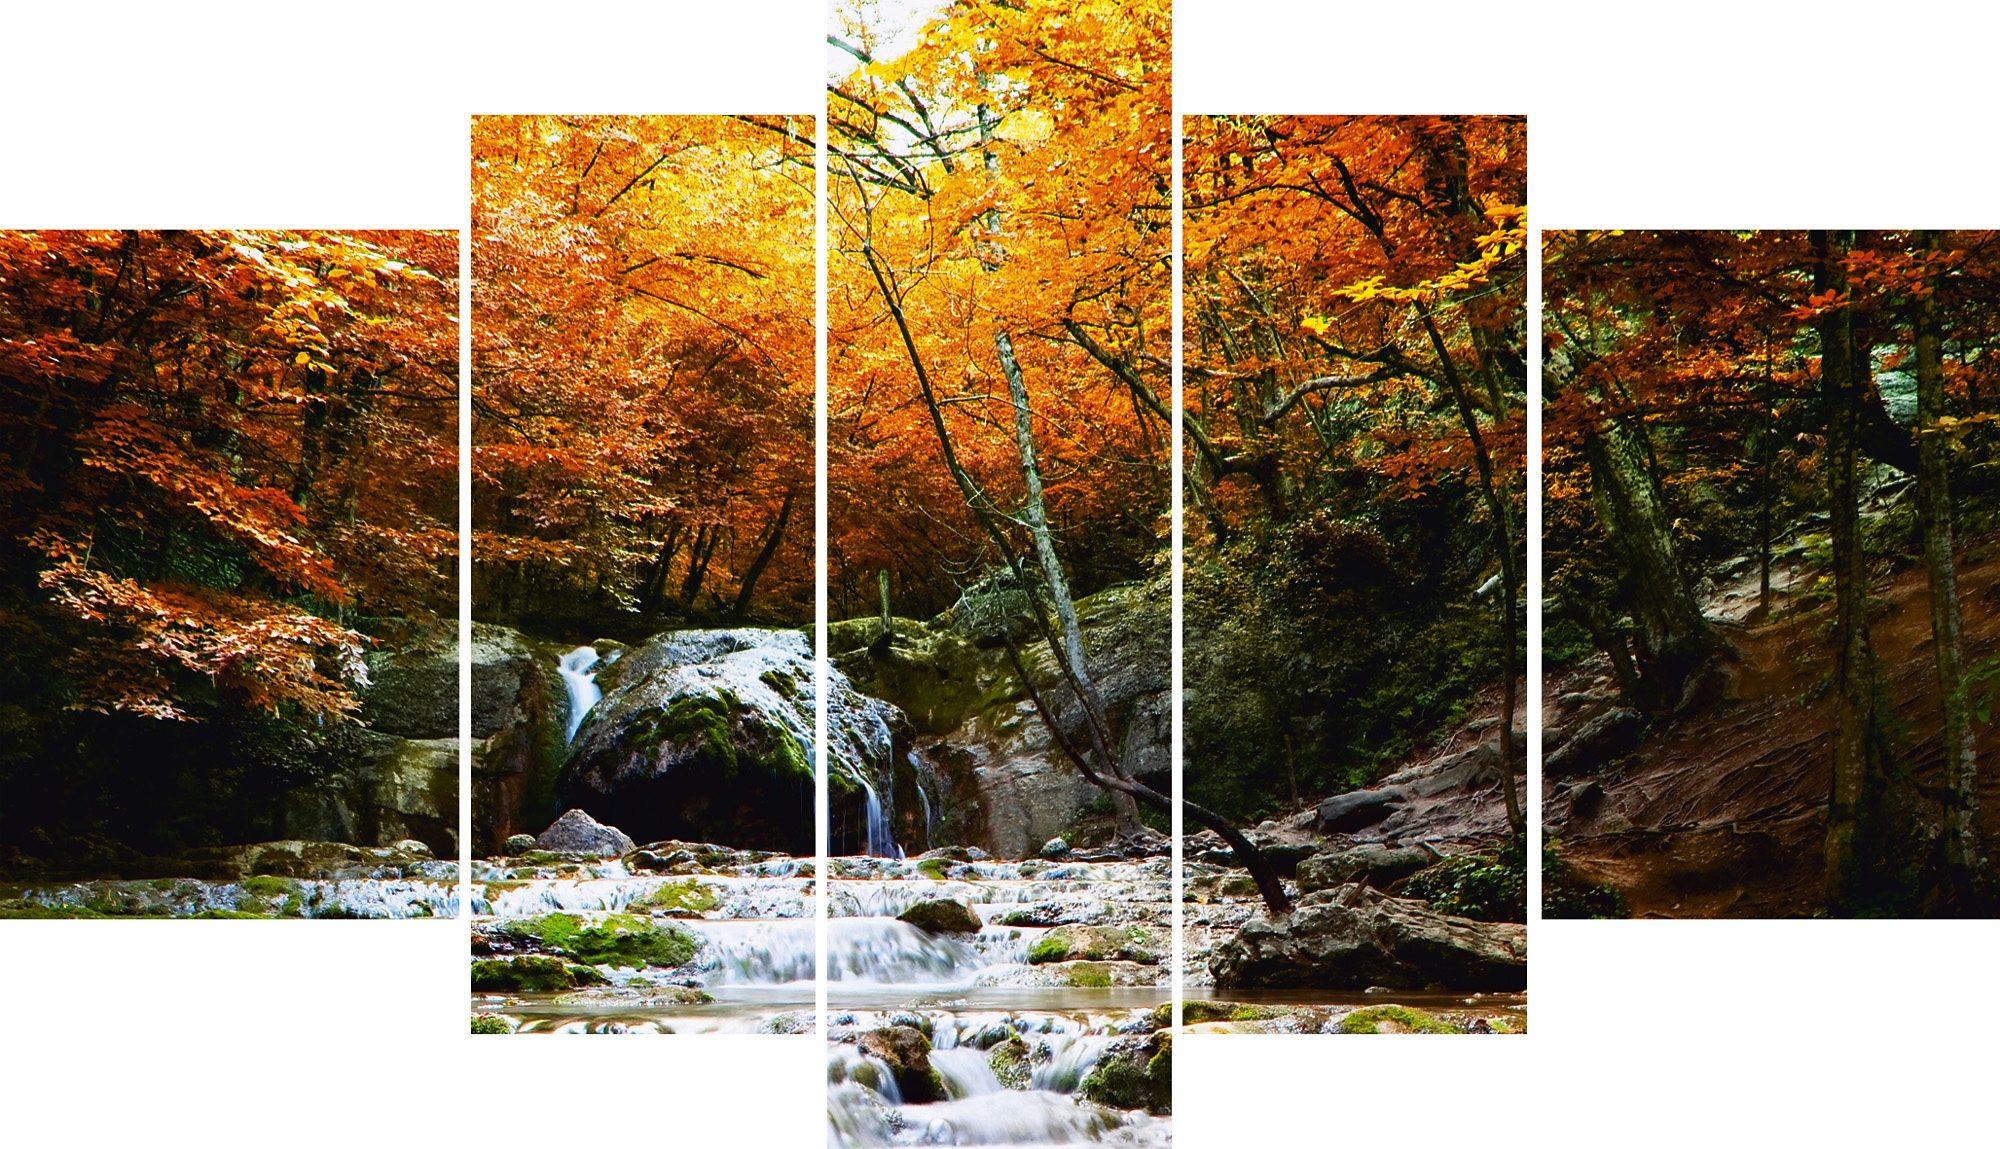 Home affaire Leinwandbild »Herbstlicher Wasserfall«, 5 tlg.